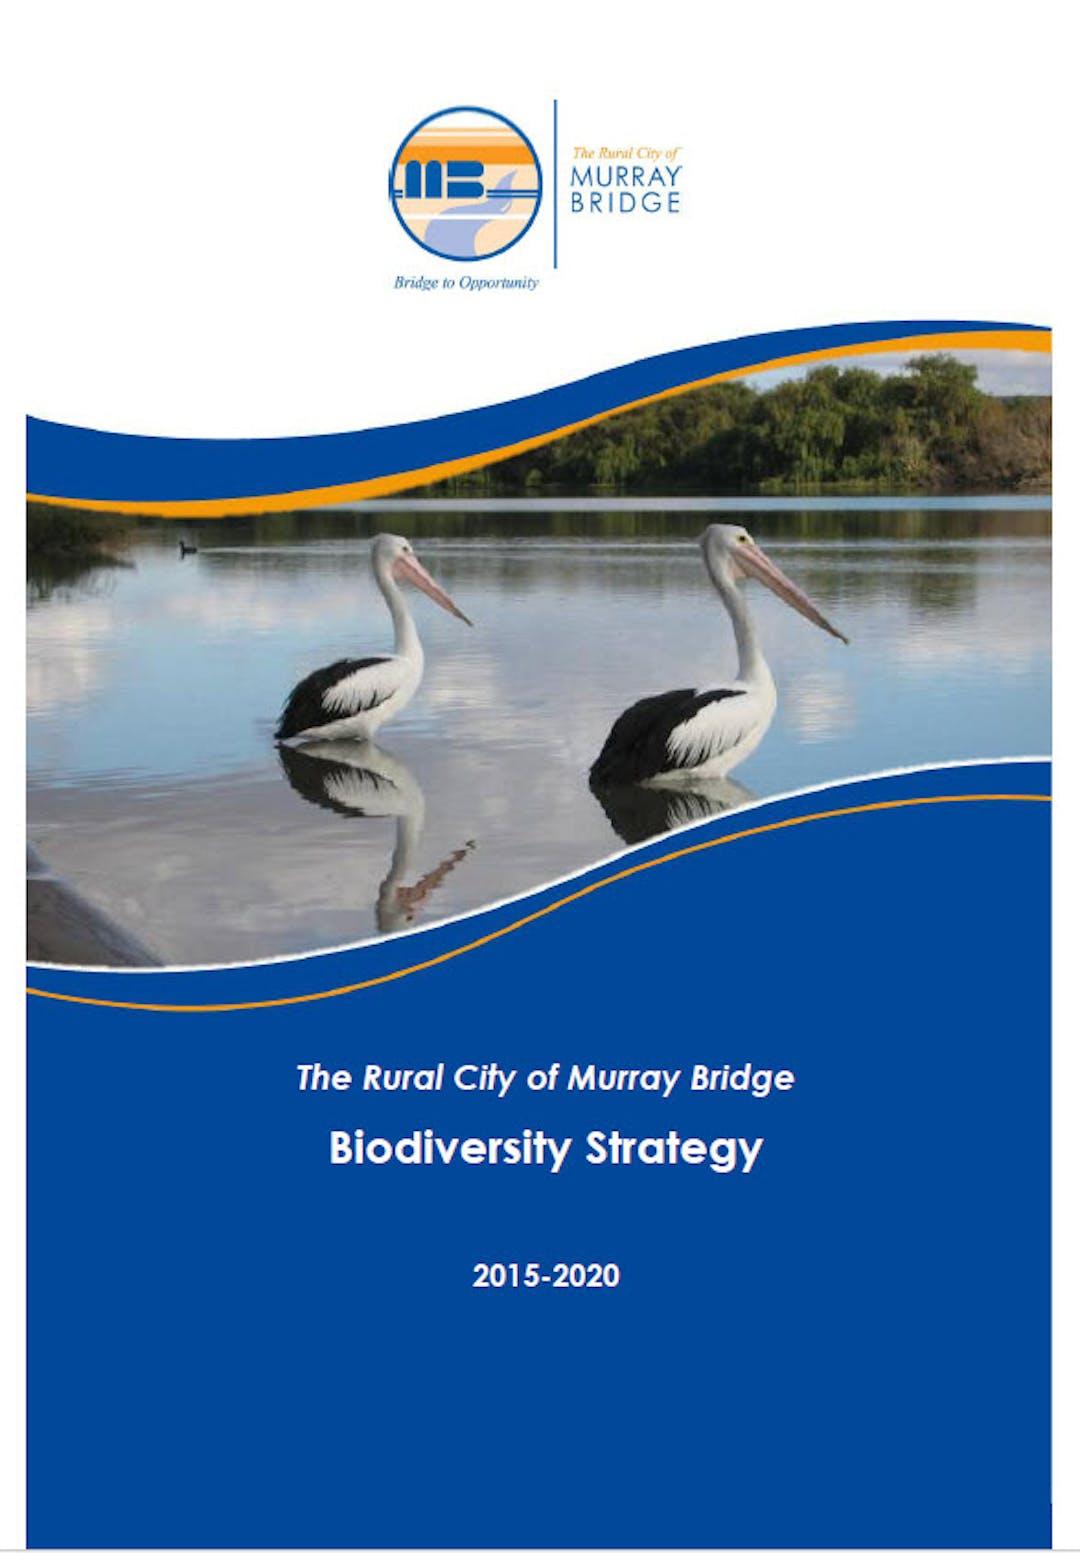 Biodiversity Strategy 2015 - 2020